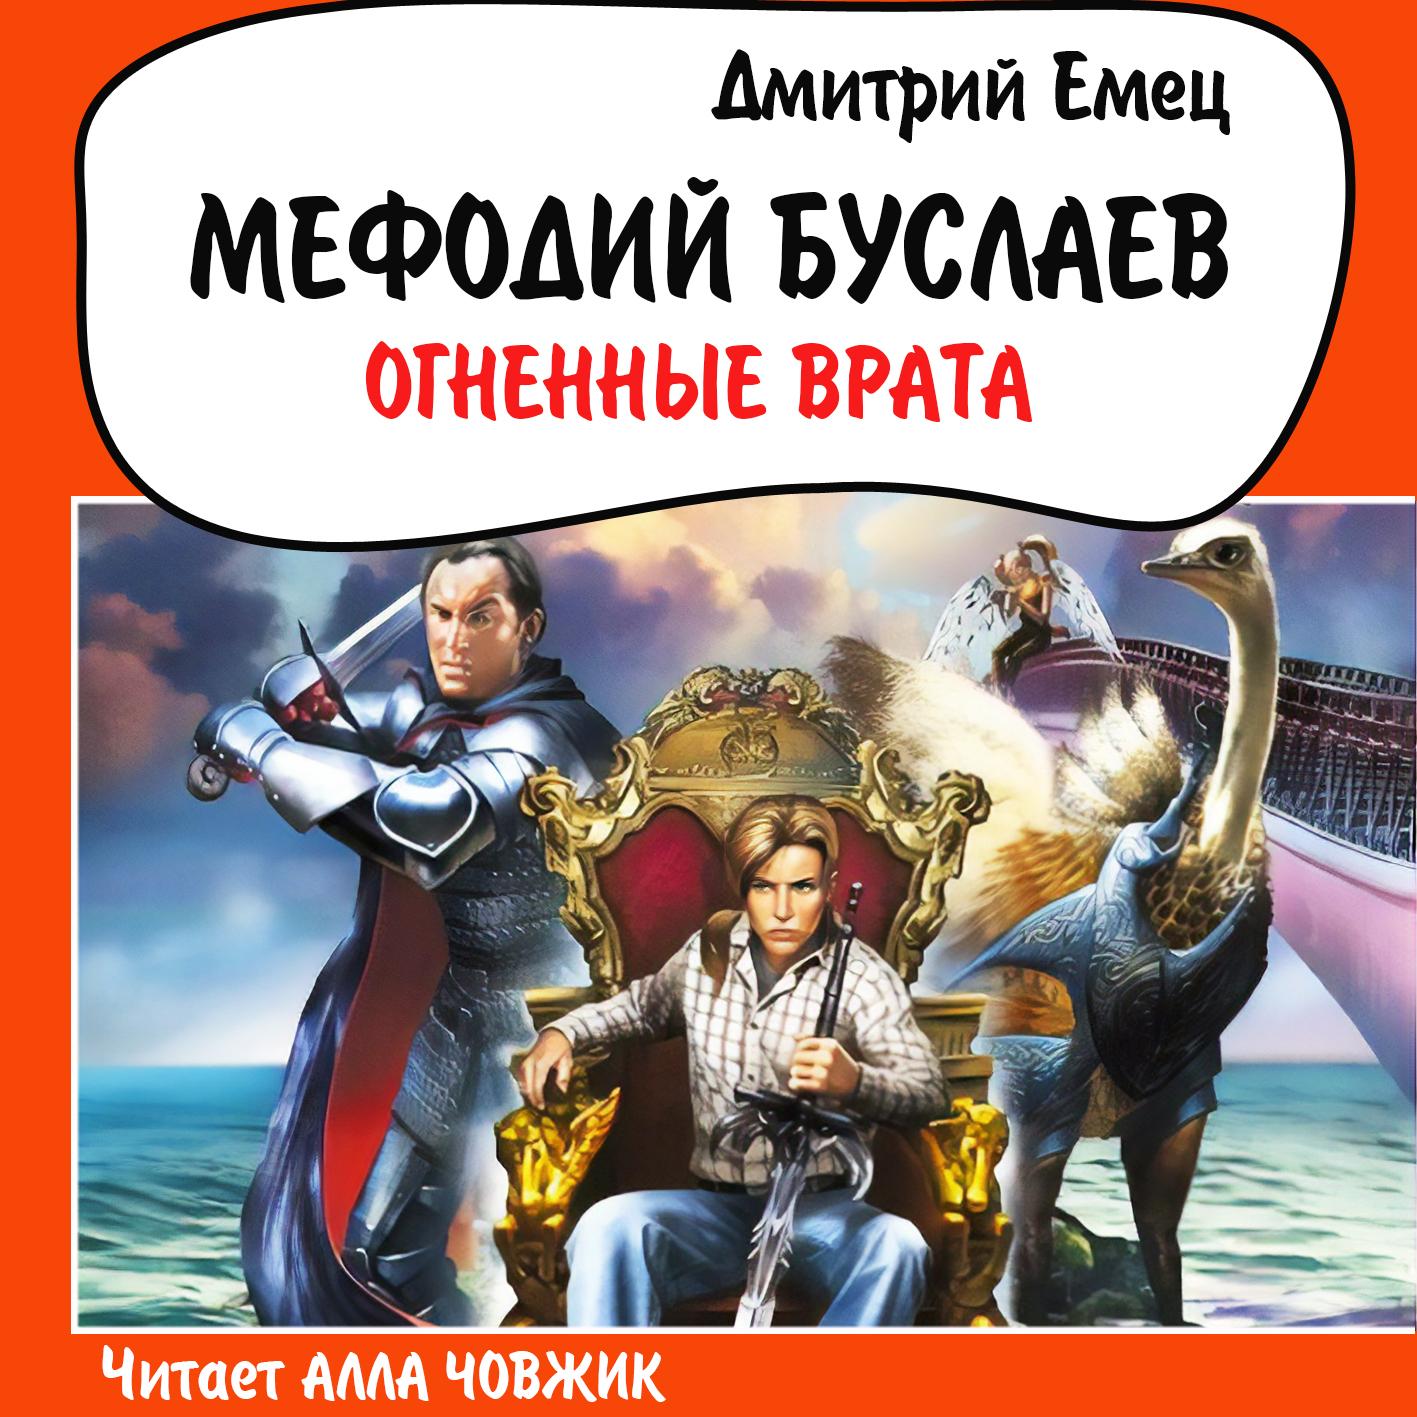 Купить книгу Огненные врата, автора Дмитрия Емца